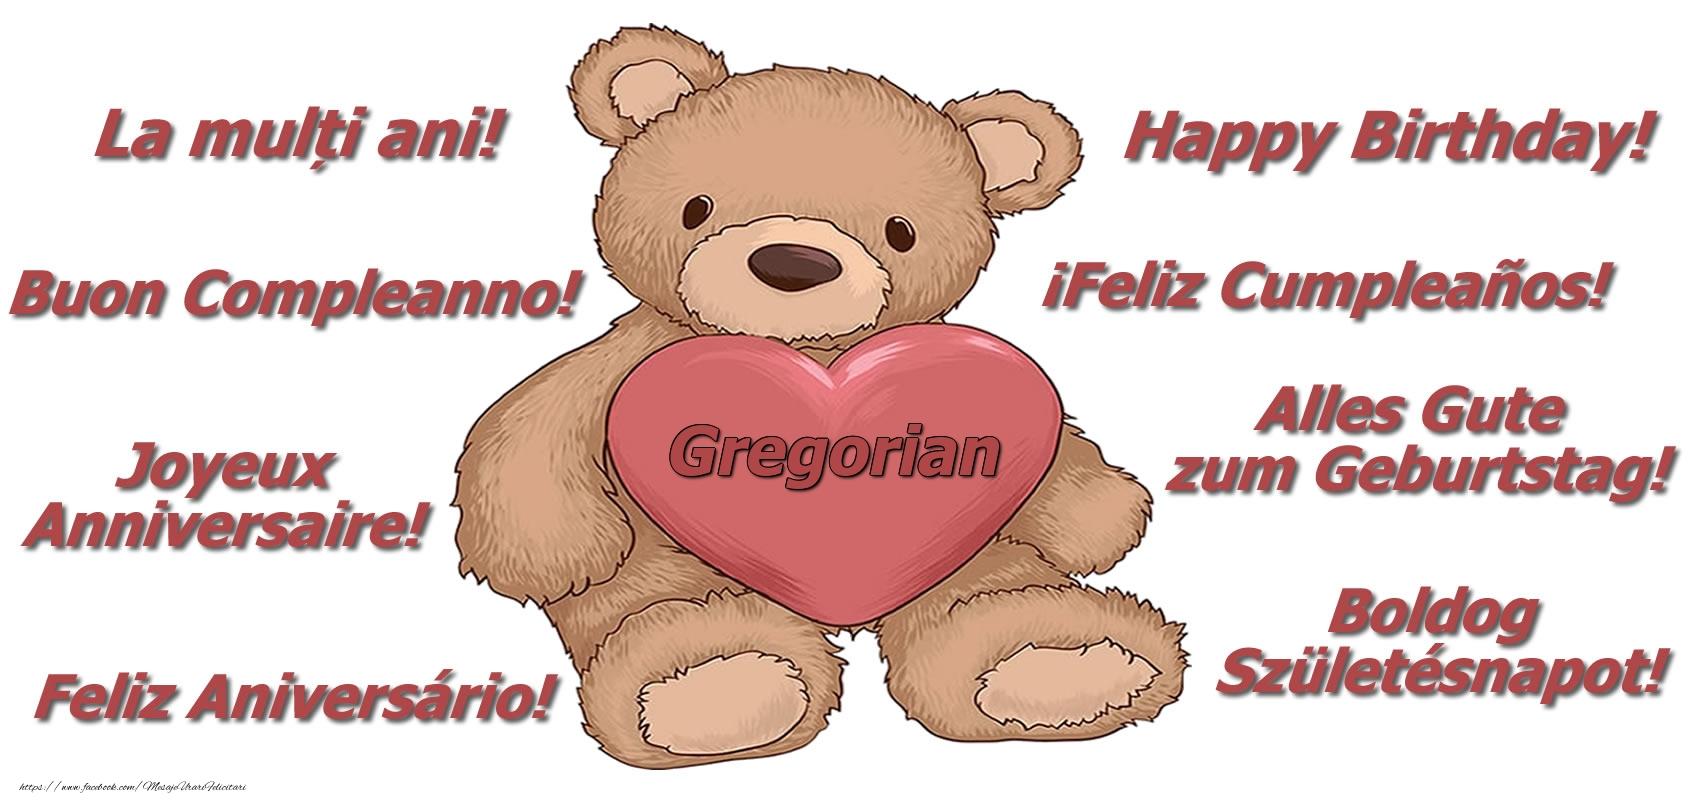 Felicitari de zi de nastere - La multi ani Gregorian! - Ursulet